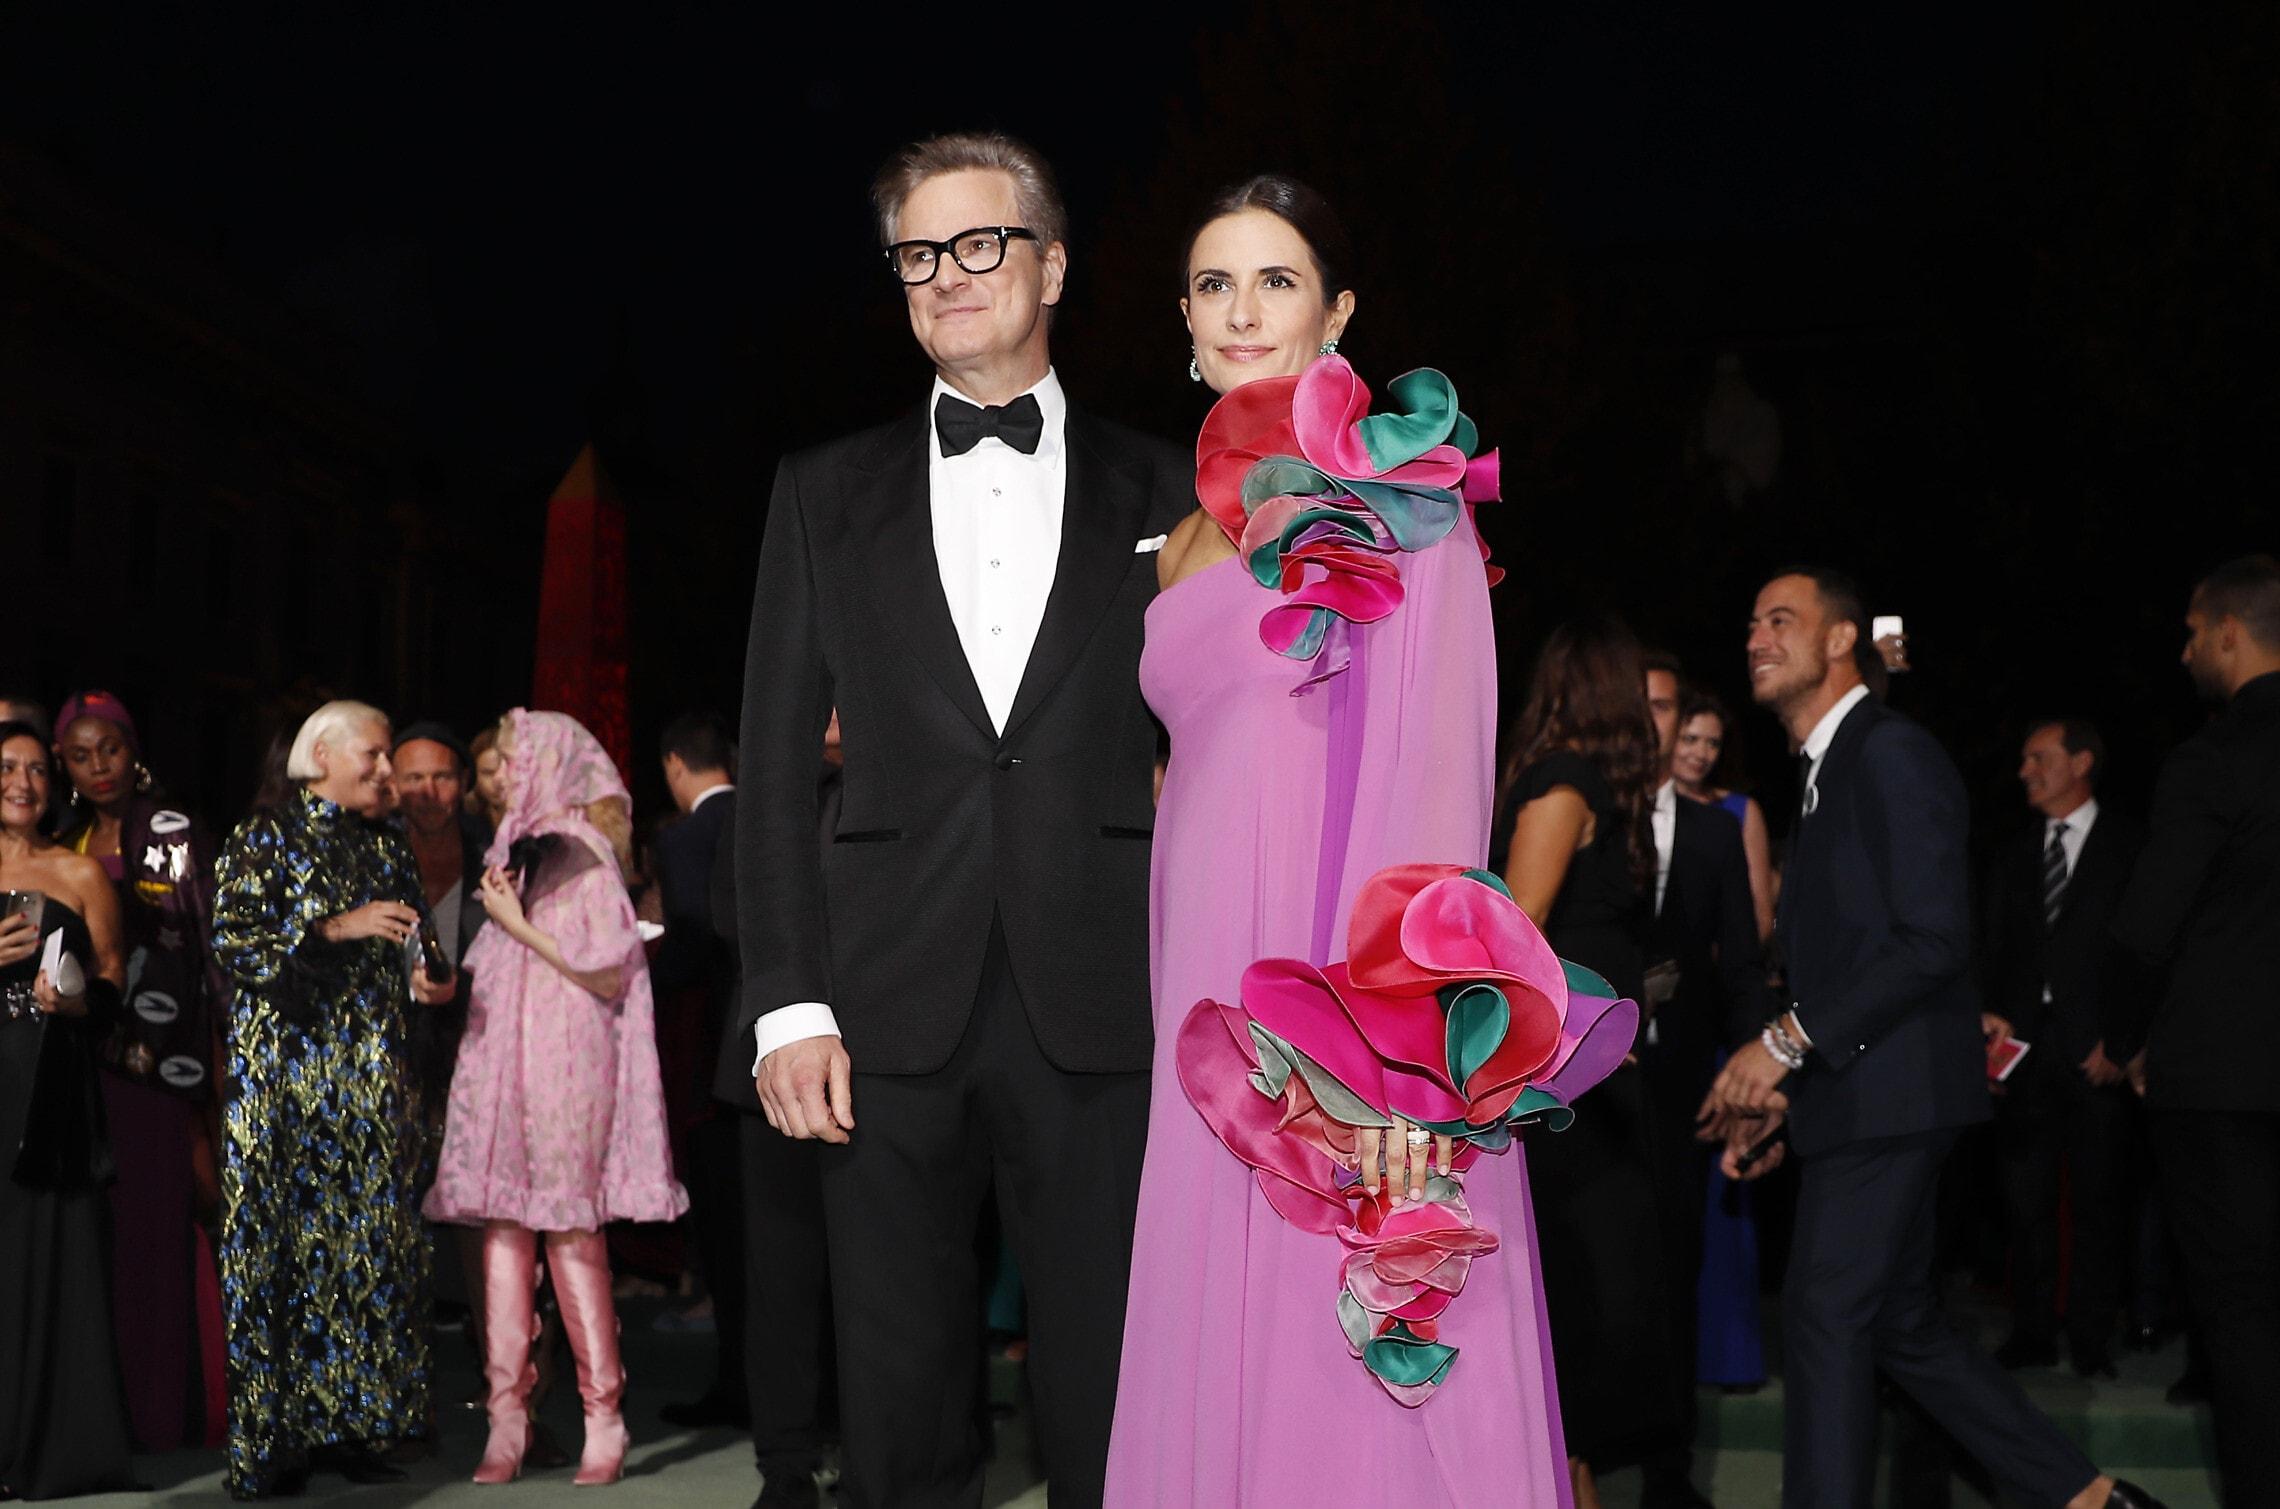 קולין פירת' ואשתו לשעבר ליביה ג'וג'ולי ב-2018 (צילום: AP Photo/Antonio Calanni)